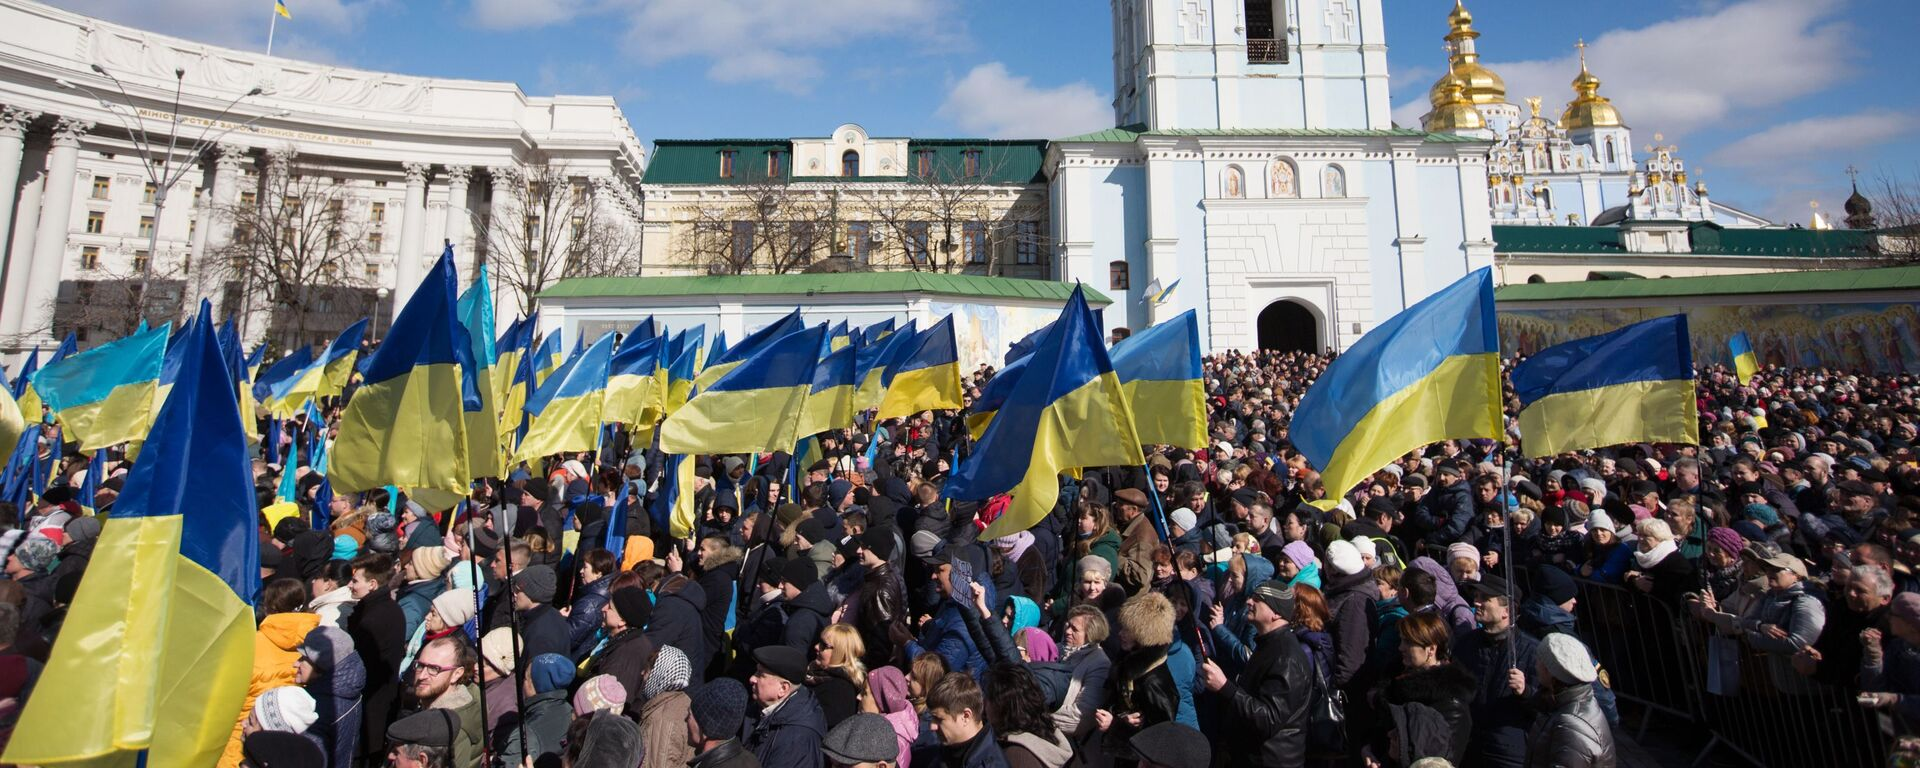 Люди слушают предвыборную речь президента Украины Петра Порошенко на Михайловской площади в Киеве - Sputnik Таджикистан, 1920, 19.08.2021